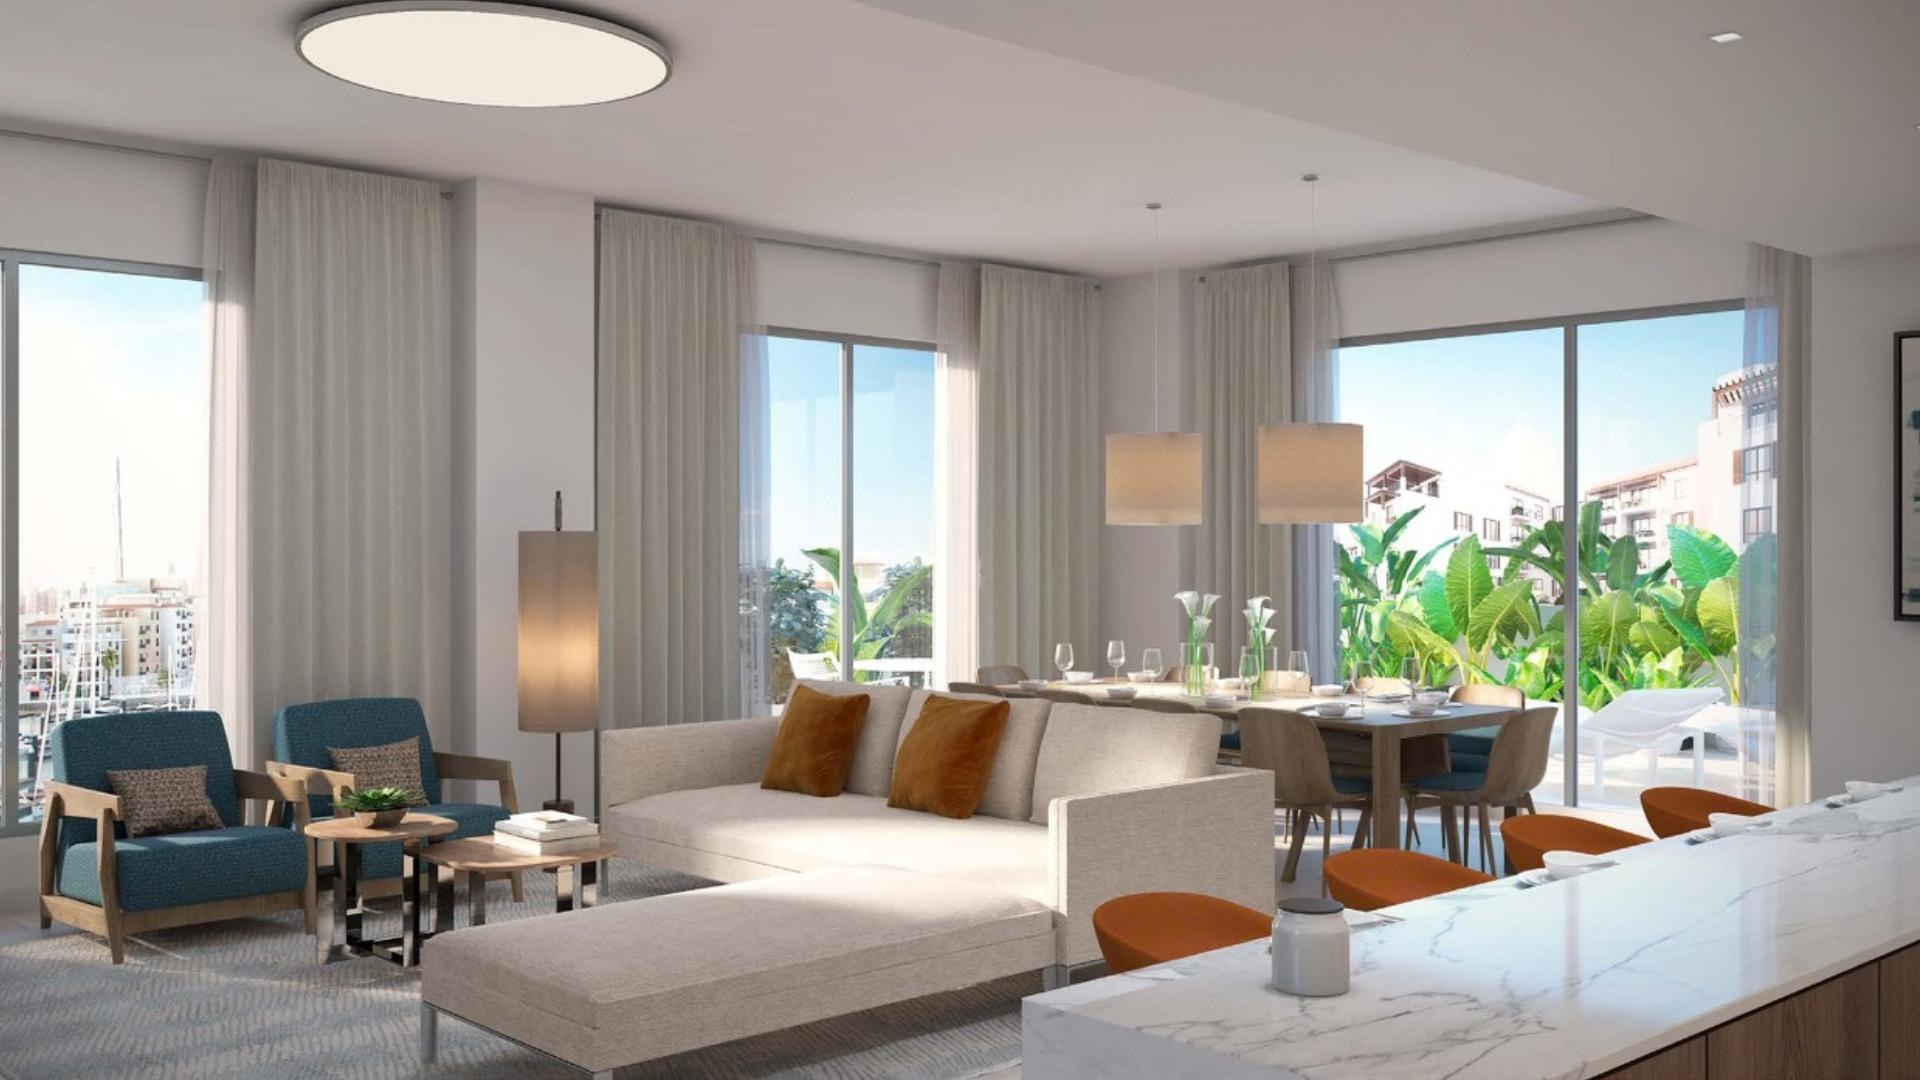 Apartamento en venta en Dubai, EAU, 1 dormitorio, 68 m2, № 24285 – foto 1